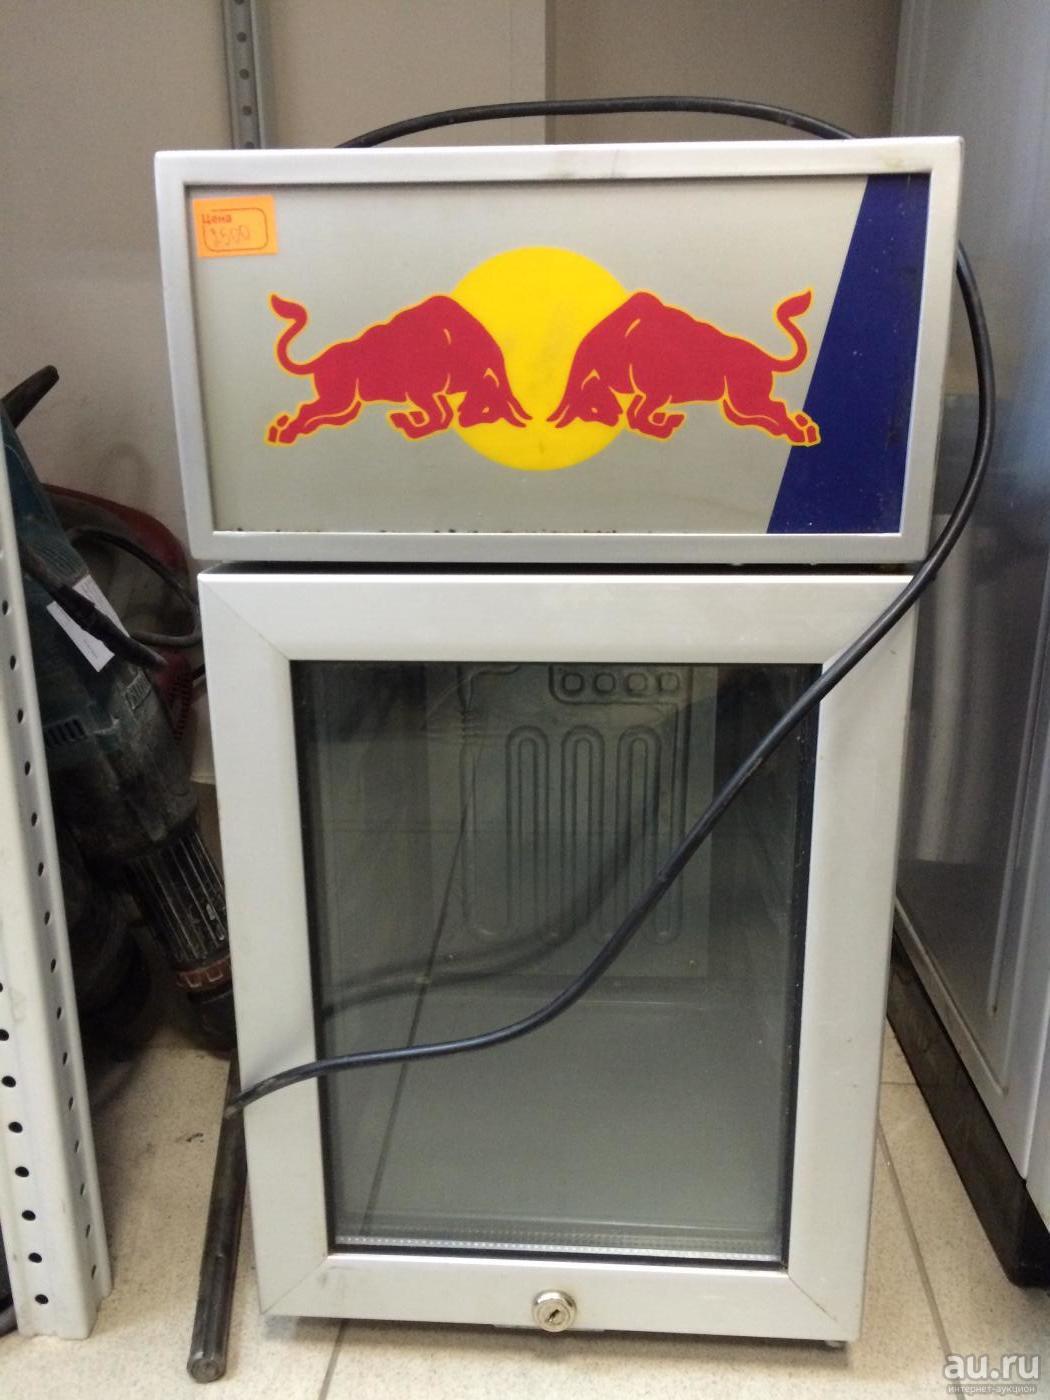 Холодильник red bull габариты